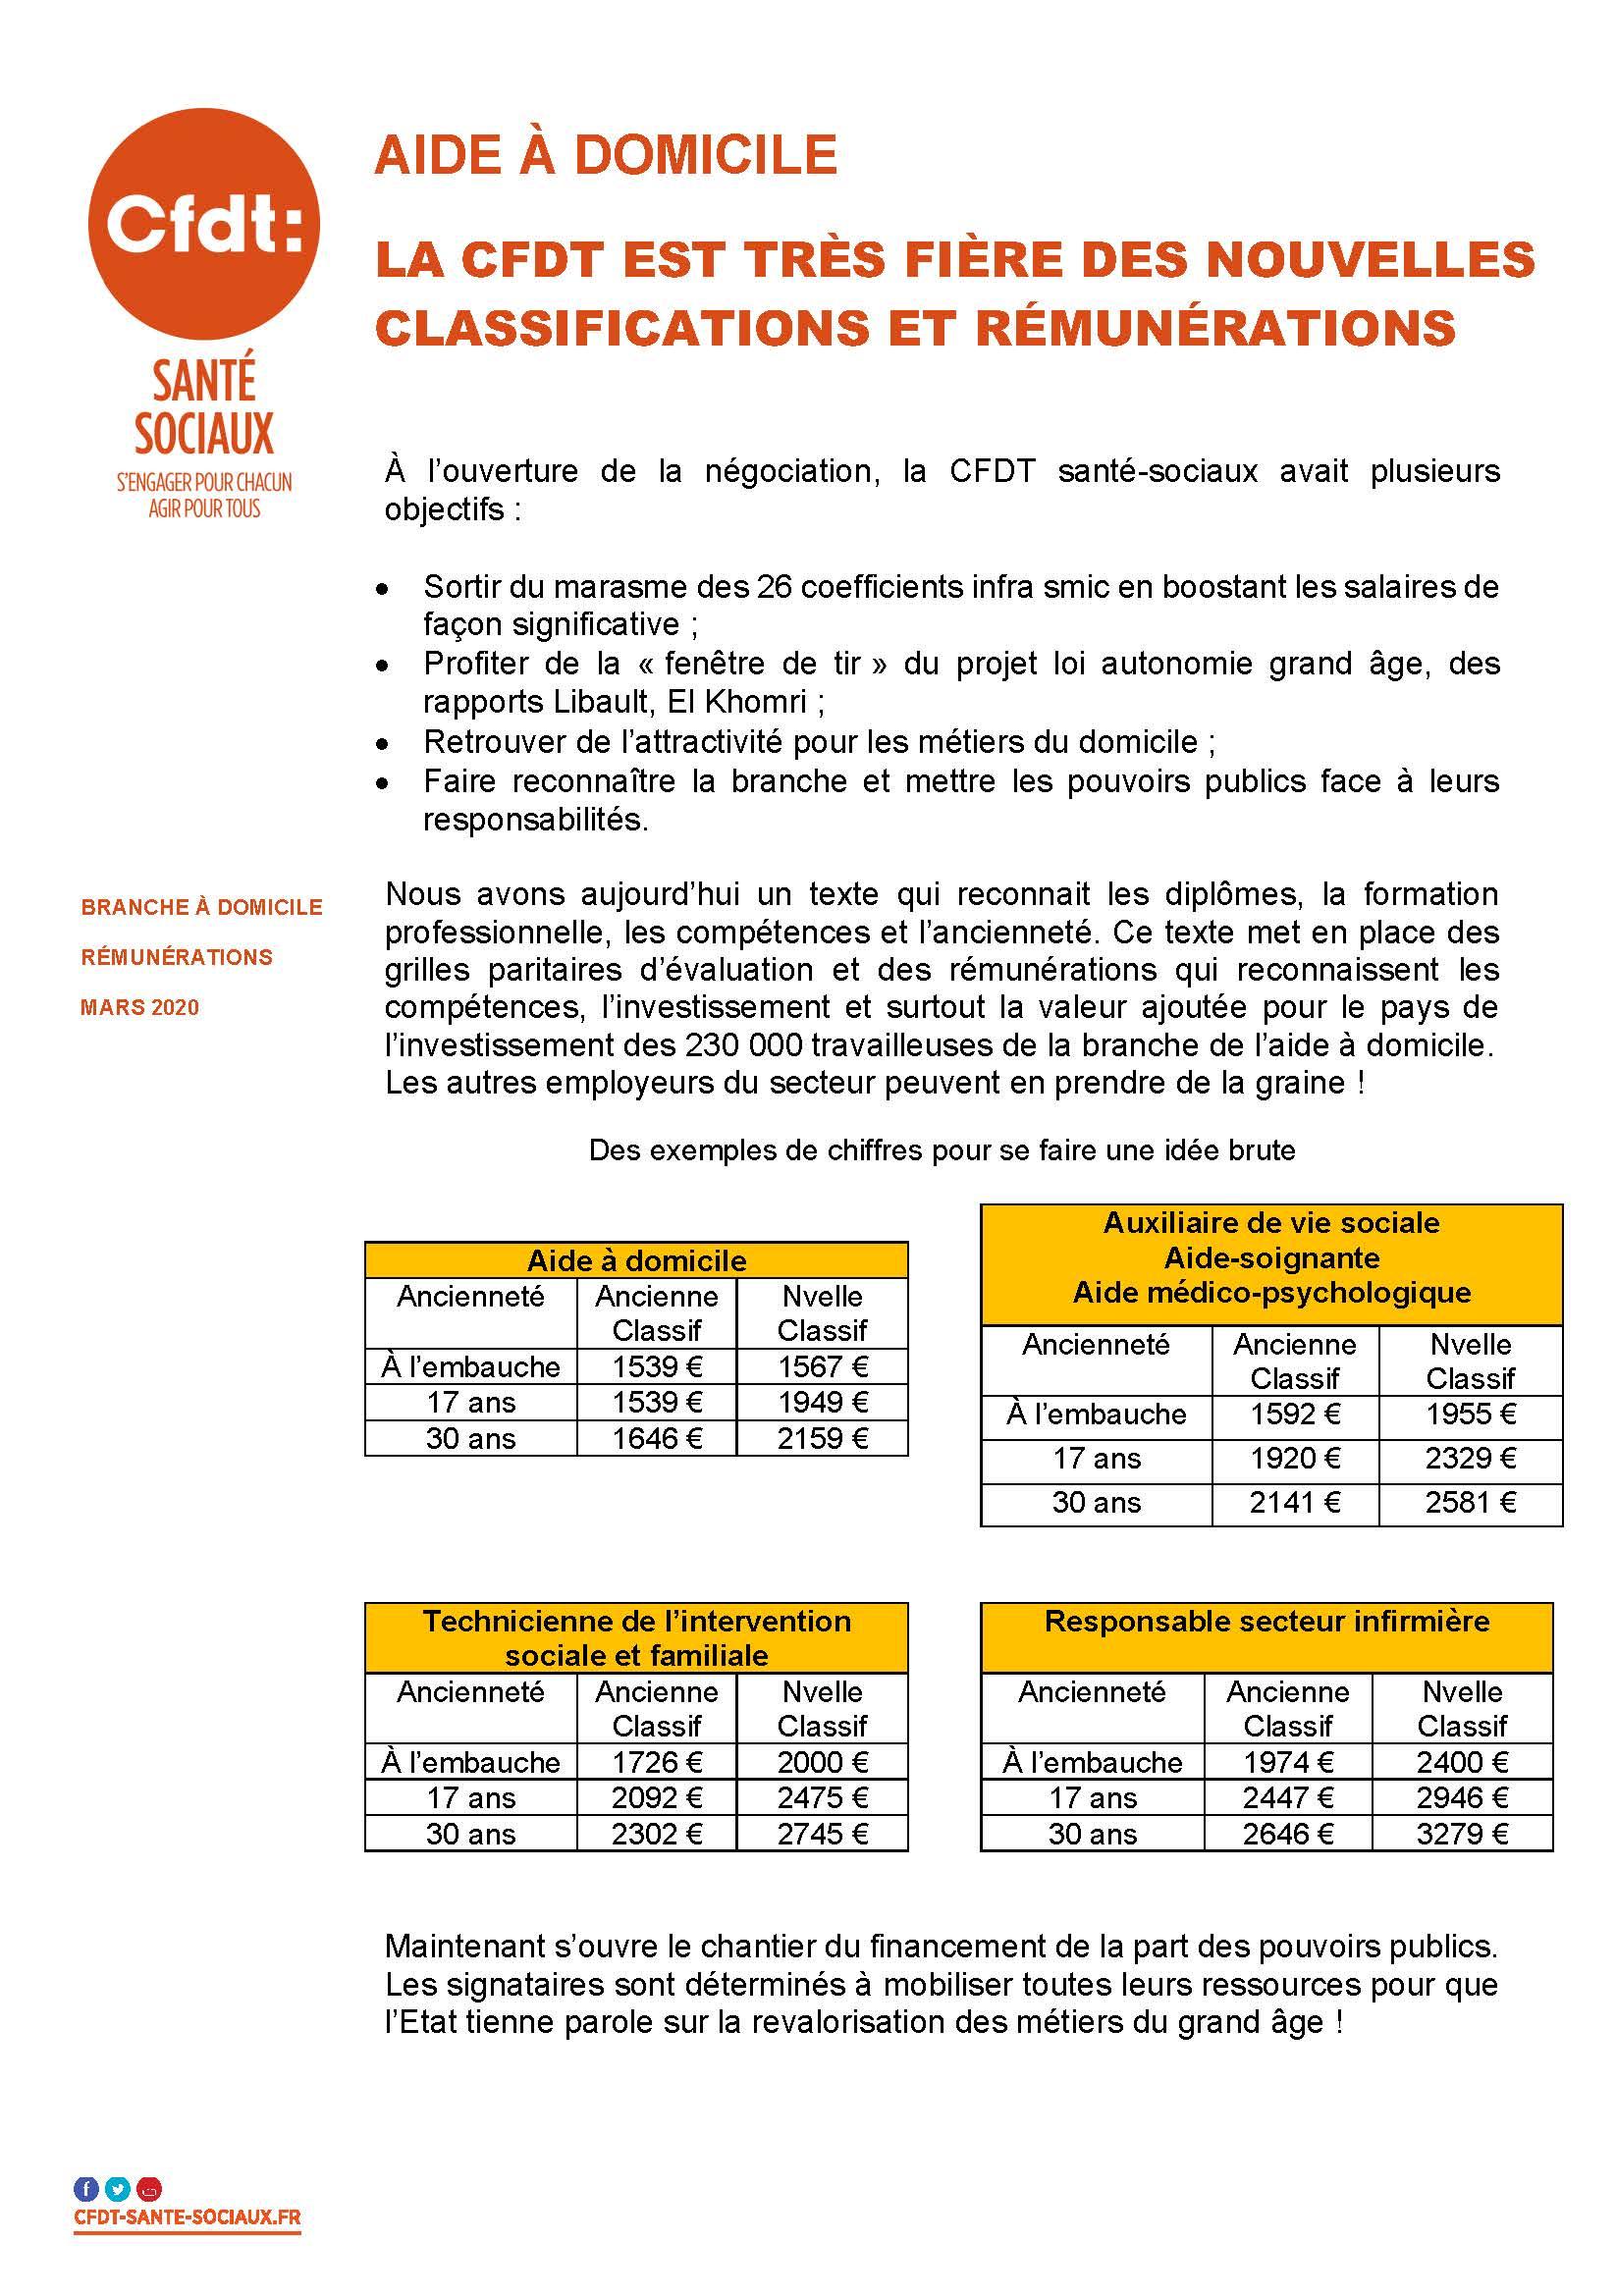 BMAD : La CFDT est très fière des nouvelles classifications et